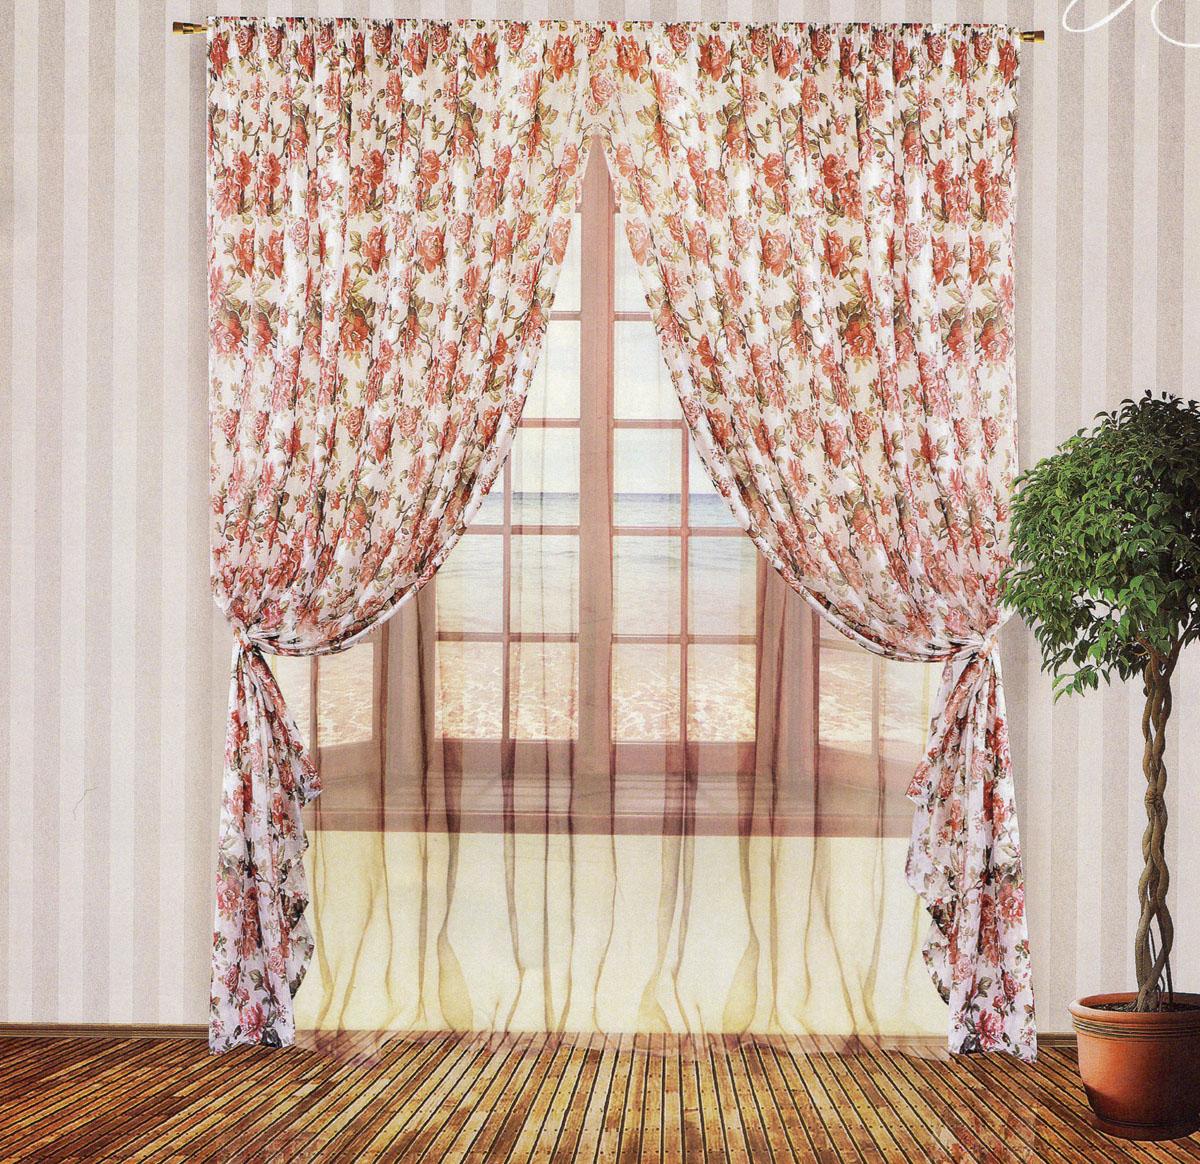 Комплект штор Zlata Korunka, на ленте, цвет: розовый, белый, высота 250 см. 5553455534Роскошный комплект тюлевых штор Zlata Korunka, выполненный из органзы и микровуали (100% полиэстера), великолепно украсит любое окно. Комплект состоит из двух штор, тюля и двух подхватов. Полупрозрачная ткань, цветочный принт и приятная, приглушенная гамма привлекут к себе внимание и органично впишутся в интерьер помещения. Комплект крепится на карниз при помощи шторной ленты, которая поможет красиво и равномерно задрапировать верх. Шторы можно зафиксировать в одном положении с помощью двух подхватов. Этот комплект будет долгое время радовать вас и вашу семью! В комплект входит: Штора: 2 шт. Размер (ШхВ): 200 см х 250 см. Тюль: 1 шт. Размер (ШхВ): 400 см х 250 см.Подхват: 2 шт. Размер (ШхВ): 60 см х 10 см.